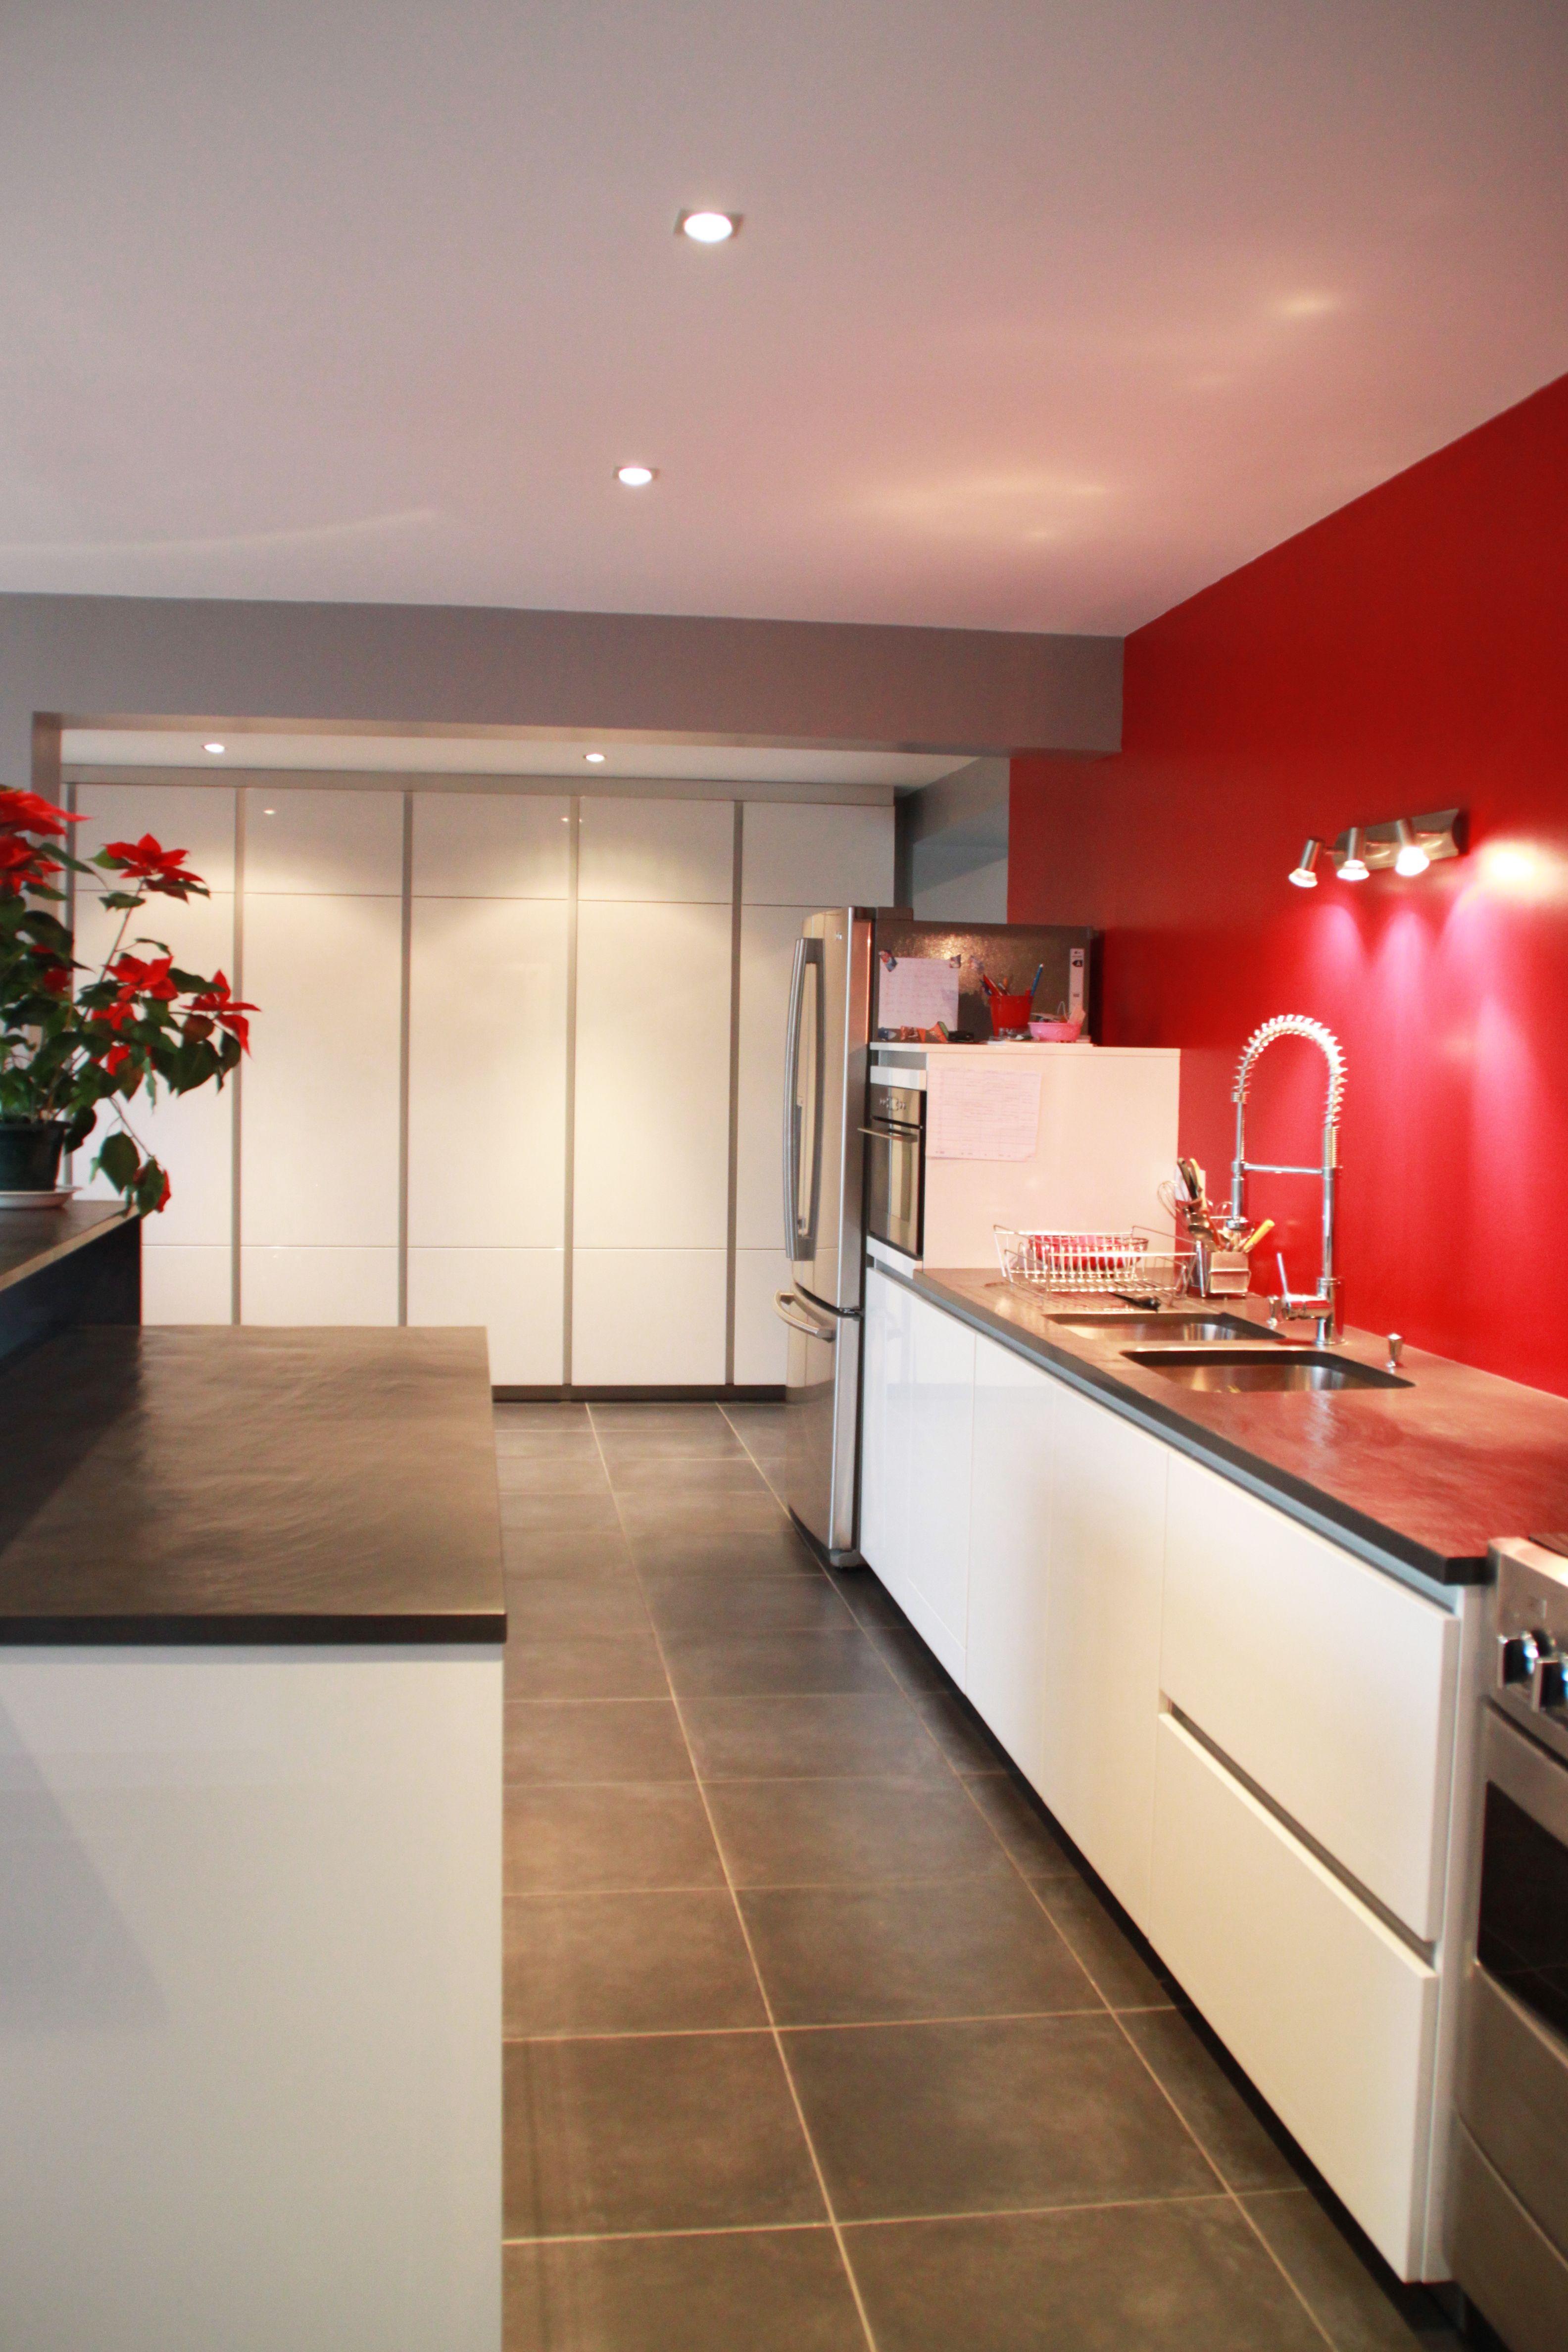 Cuisine Blanche A Mur Rouge Et Plan De Travail En Quartz Noir